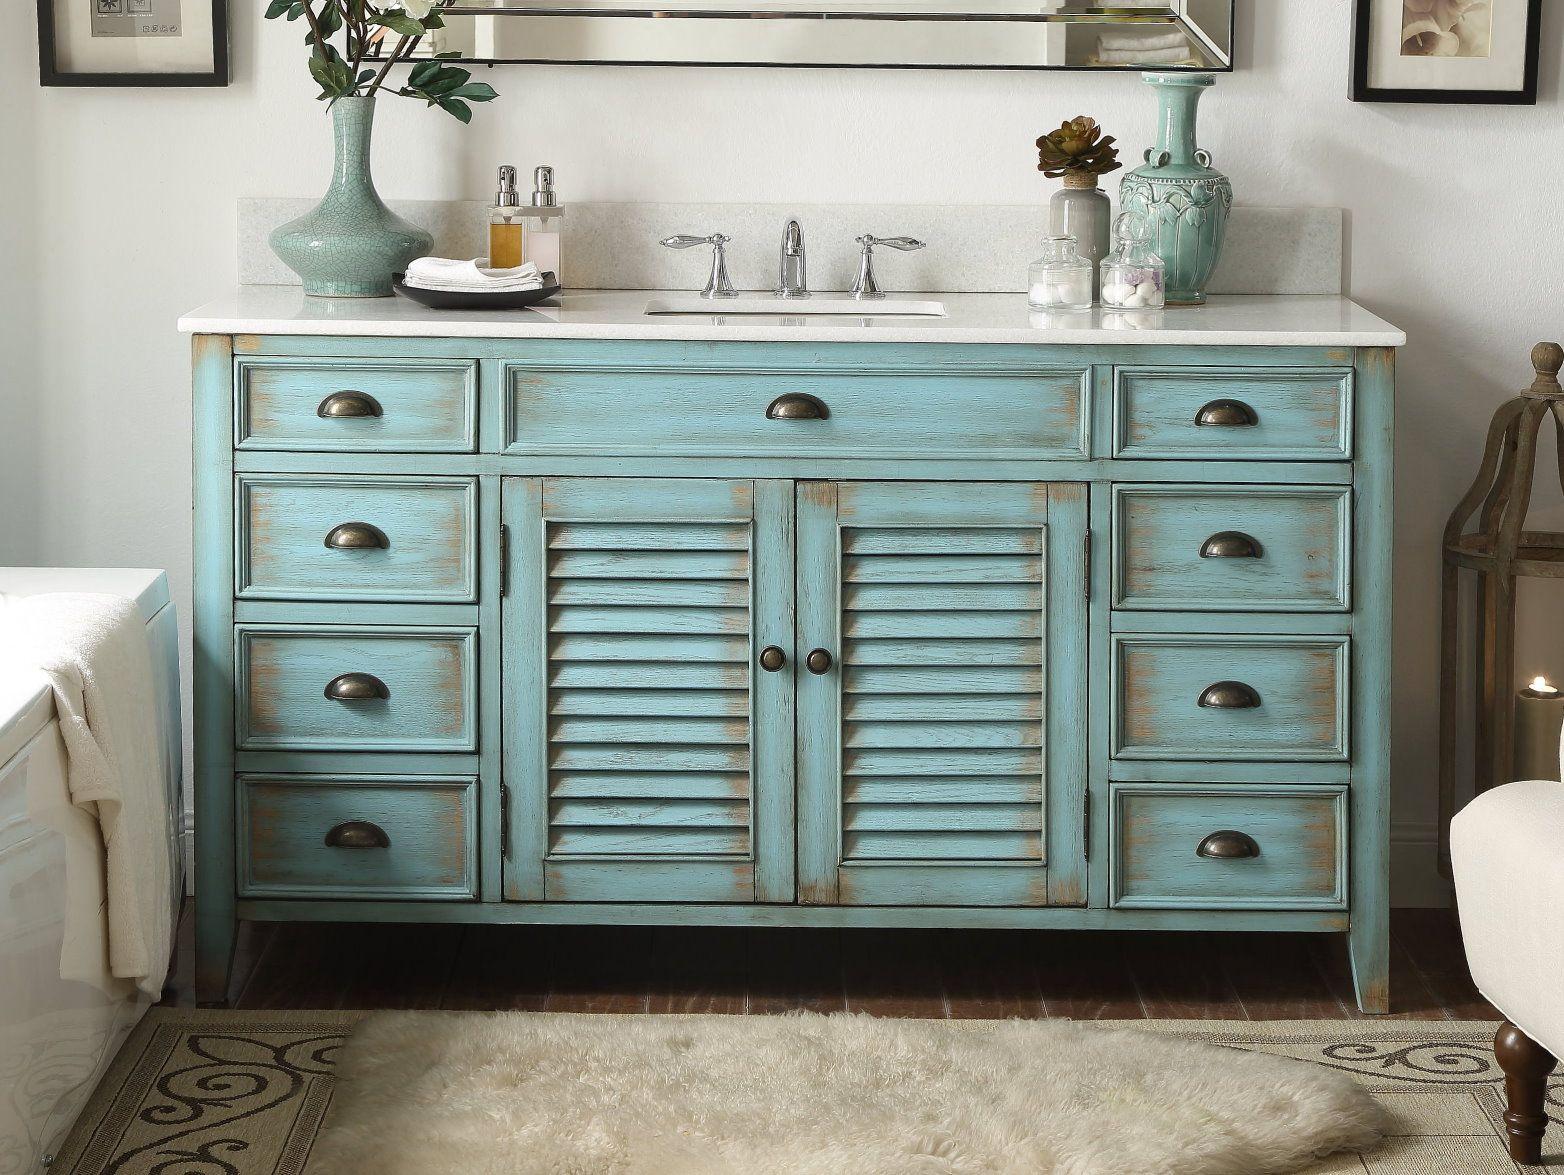 60 Single Sink Abbeville Bathroom Sink Vanity Cf 66323bu 60